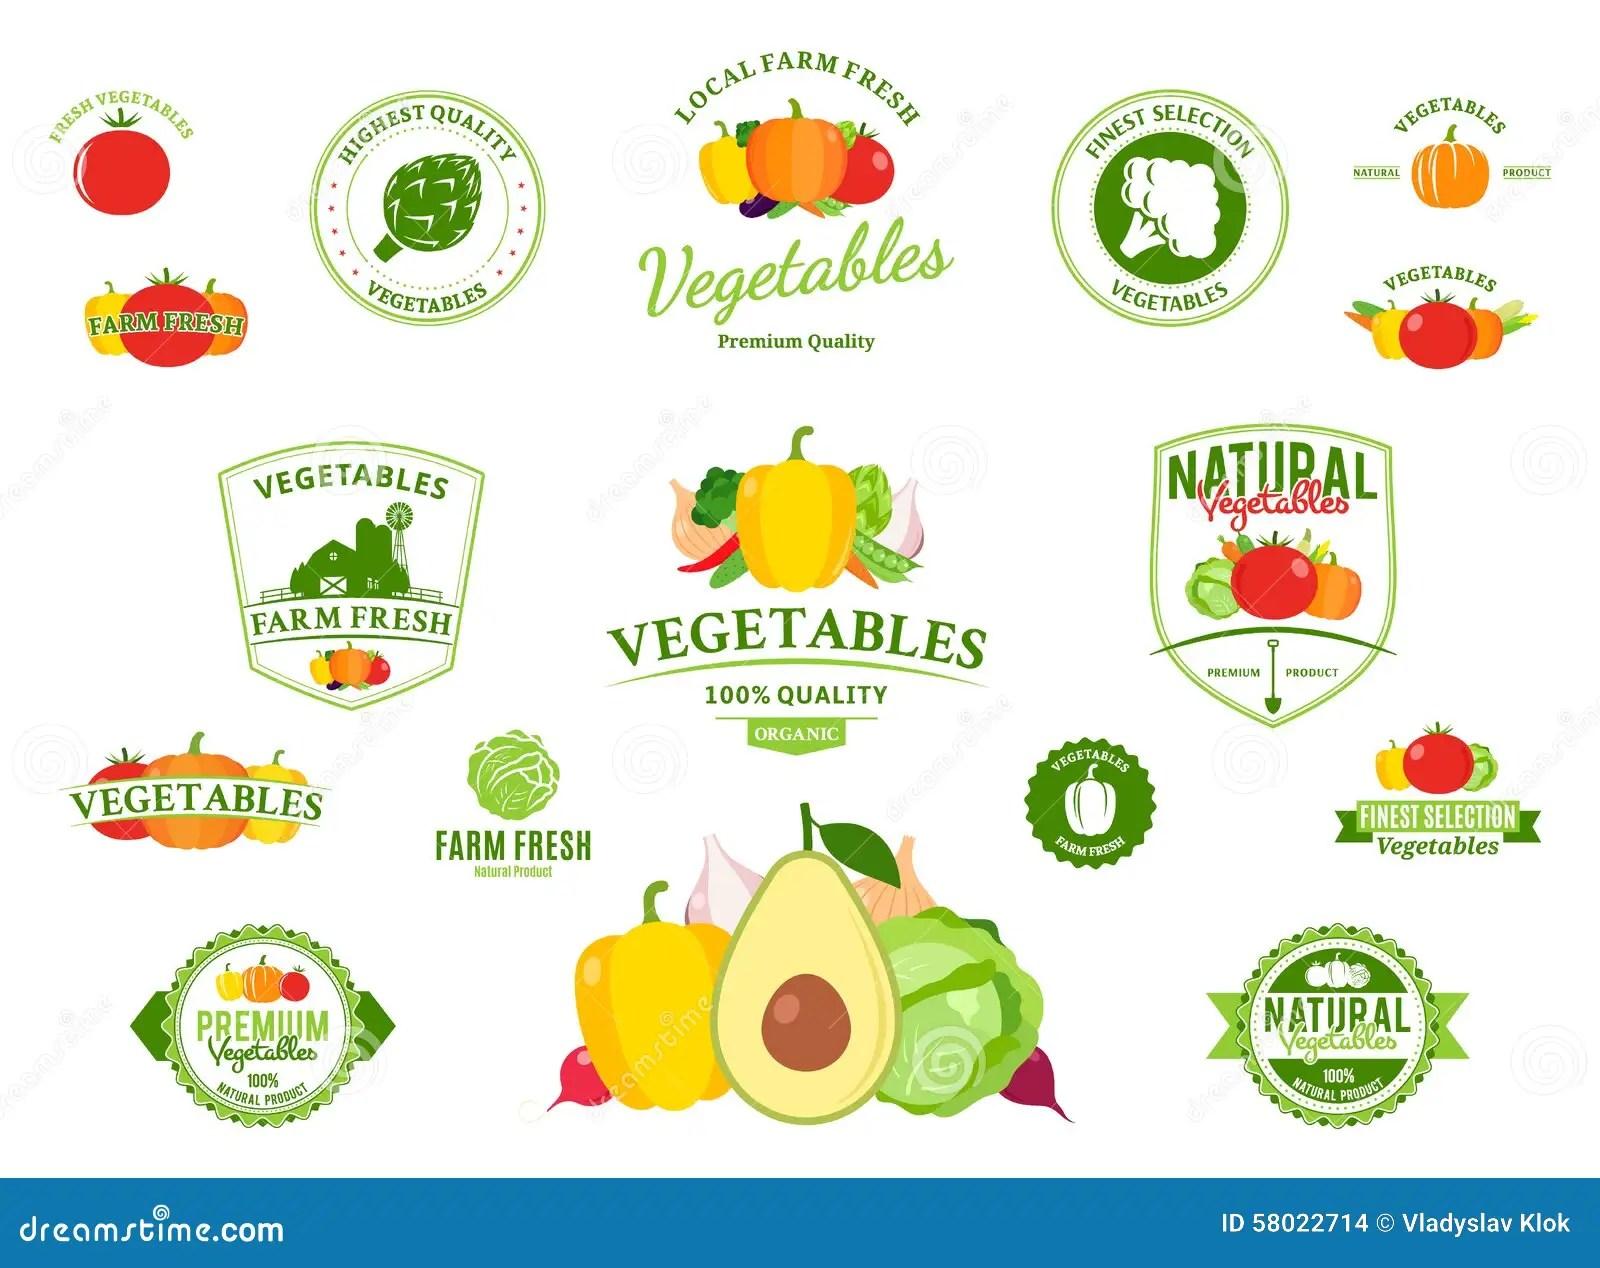 Vegetable Label Worksheet